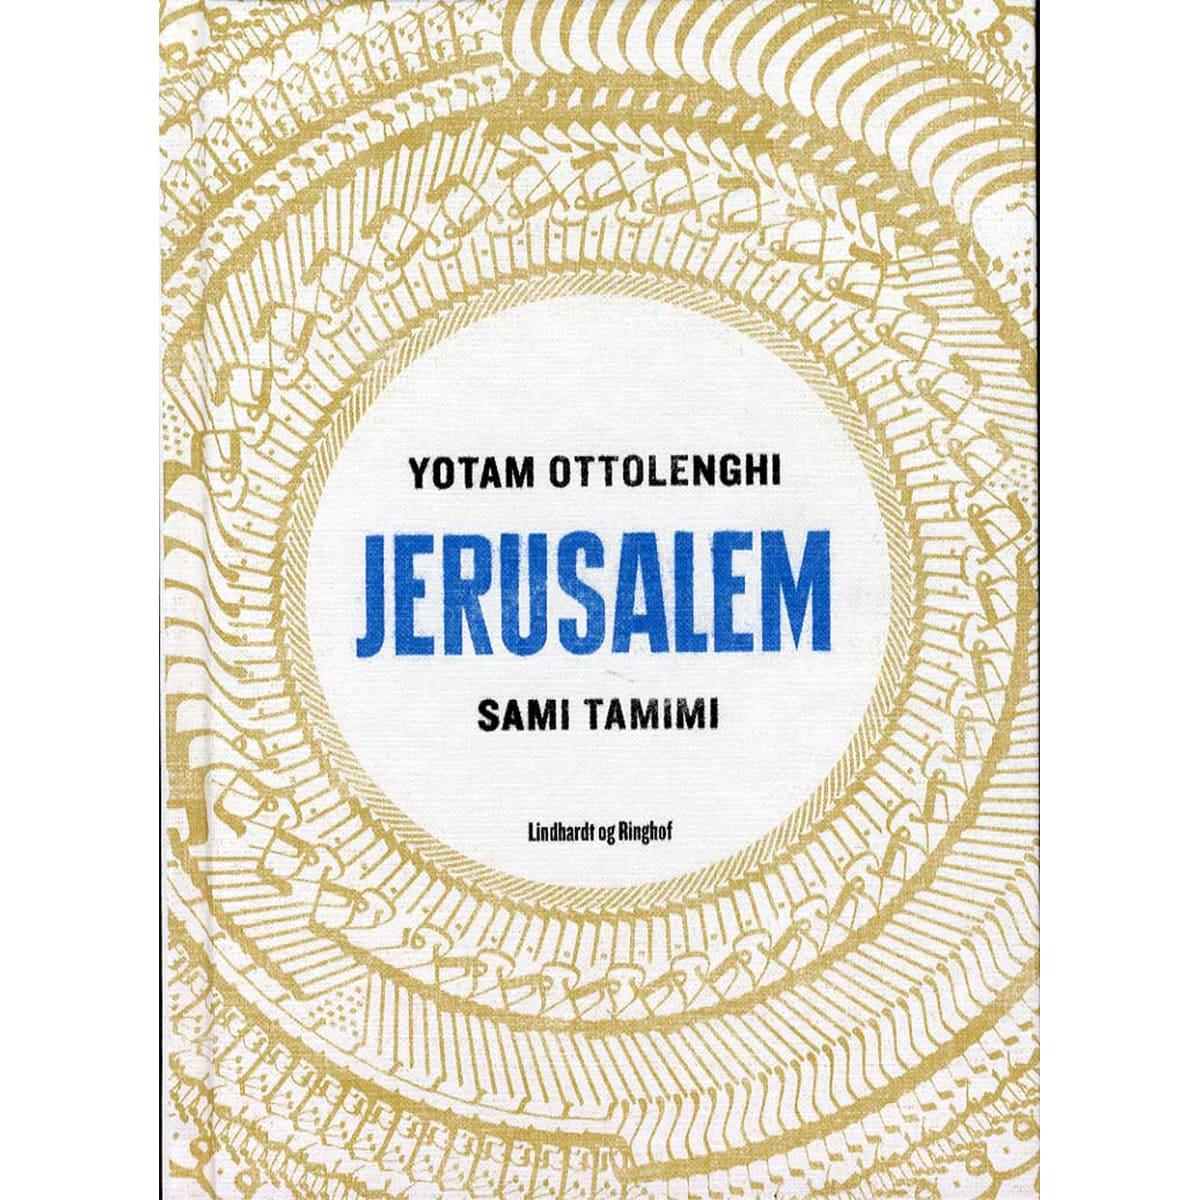 Af Yotam Ottolenghi & Sami Tamimi